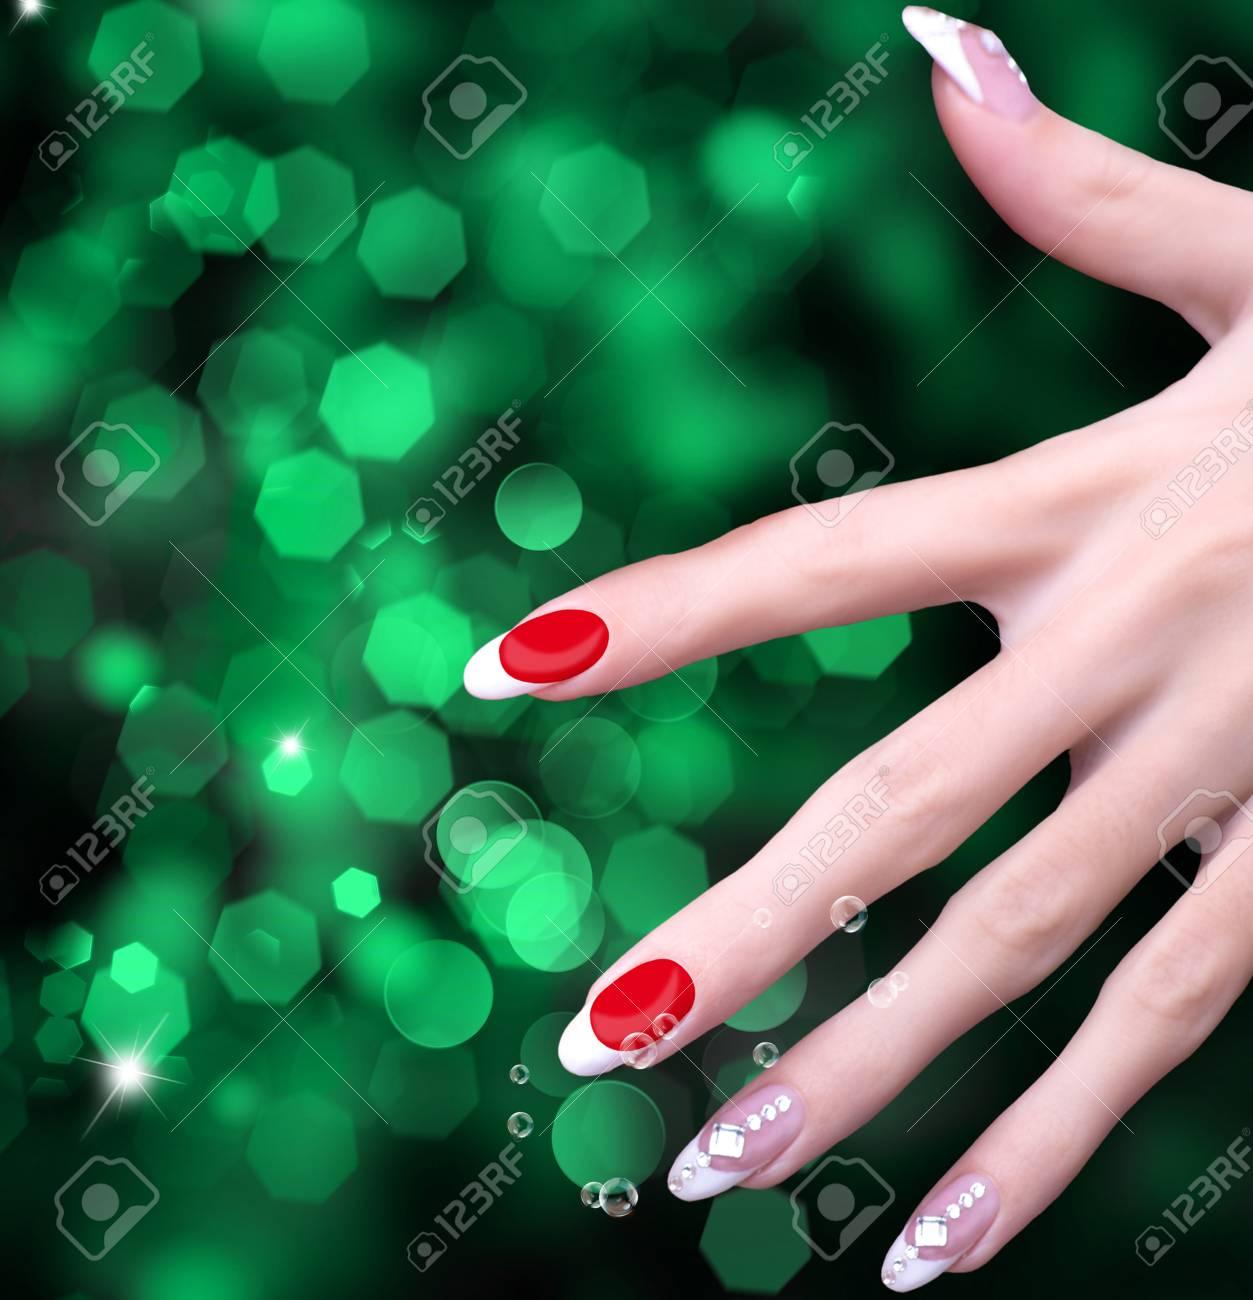 Manicura De Arte Rosa Claro. Uña. Manos De Belleza Moda, Elegante ...